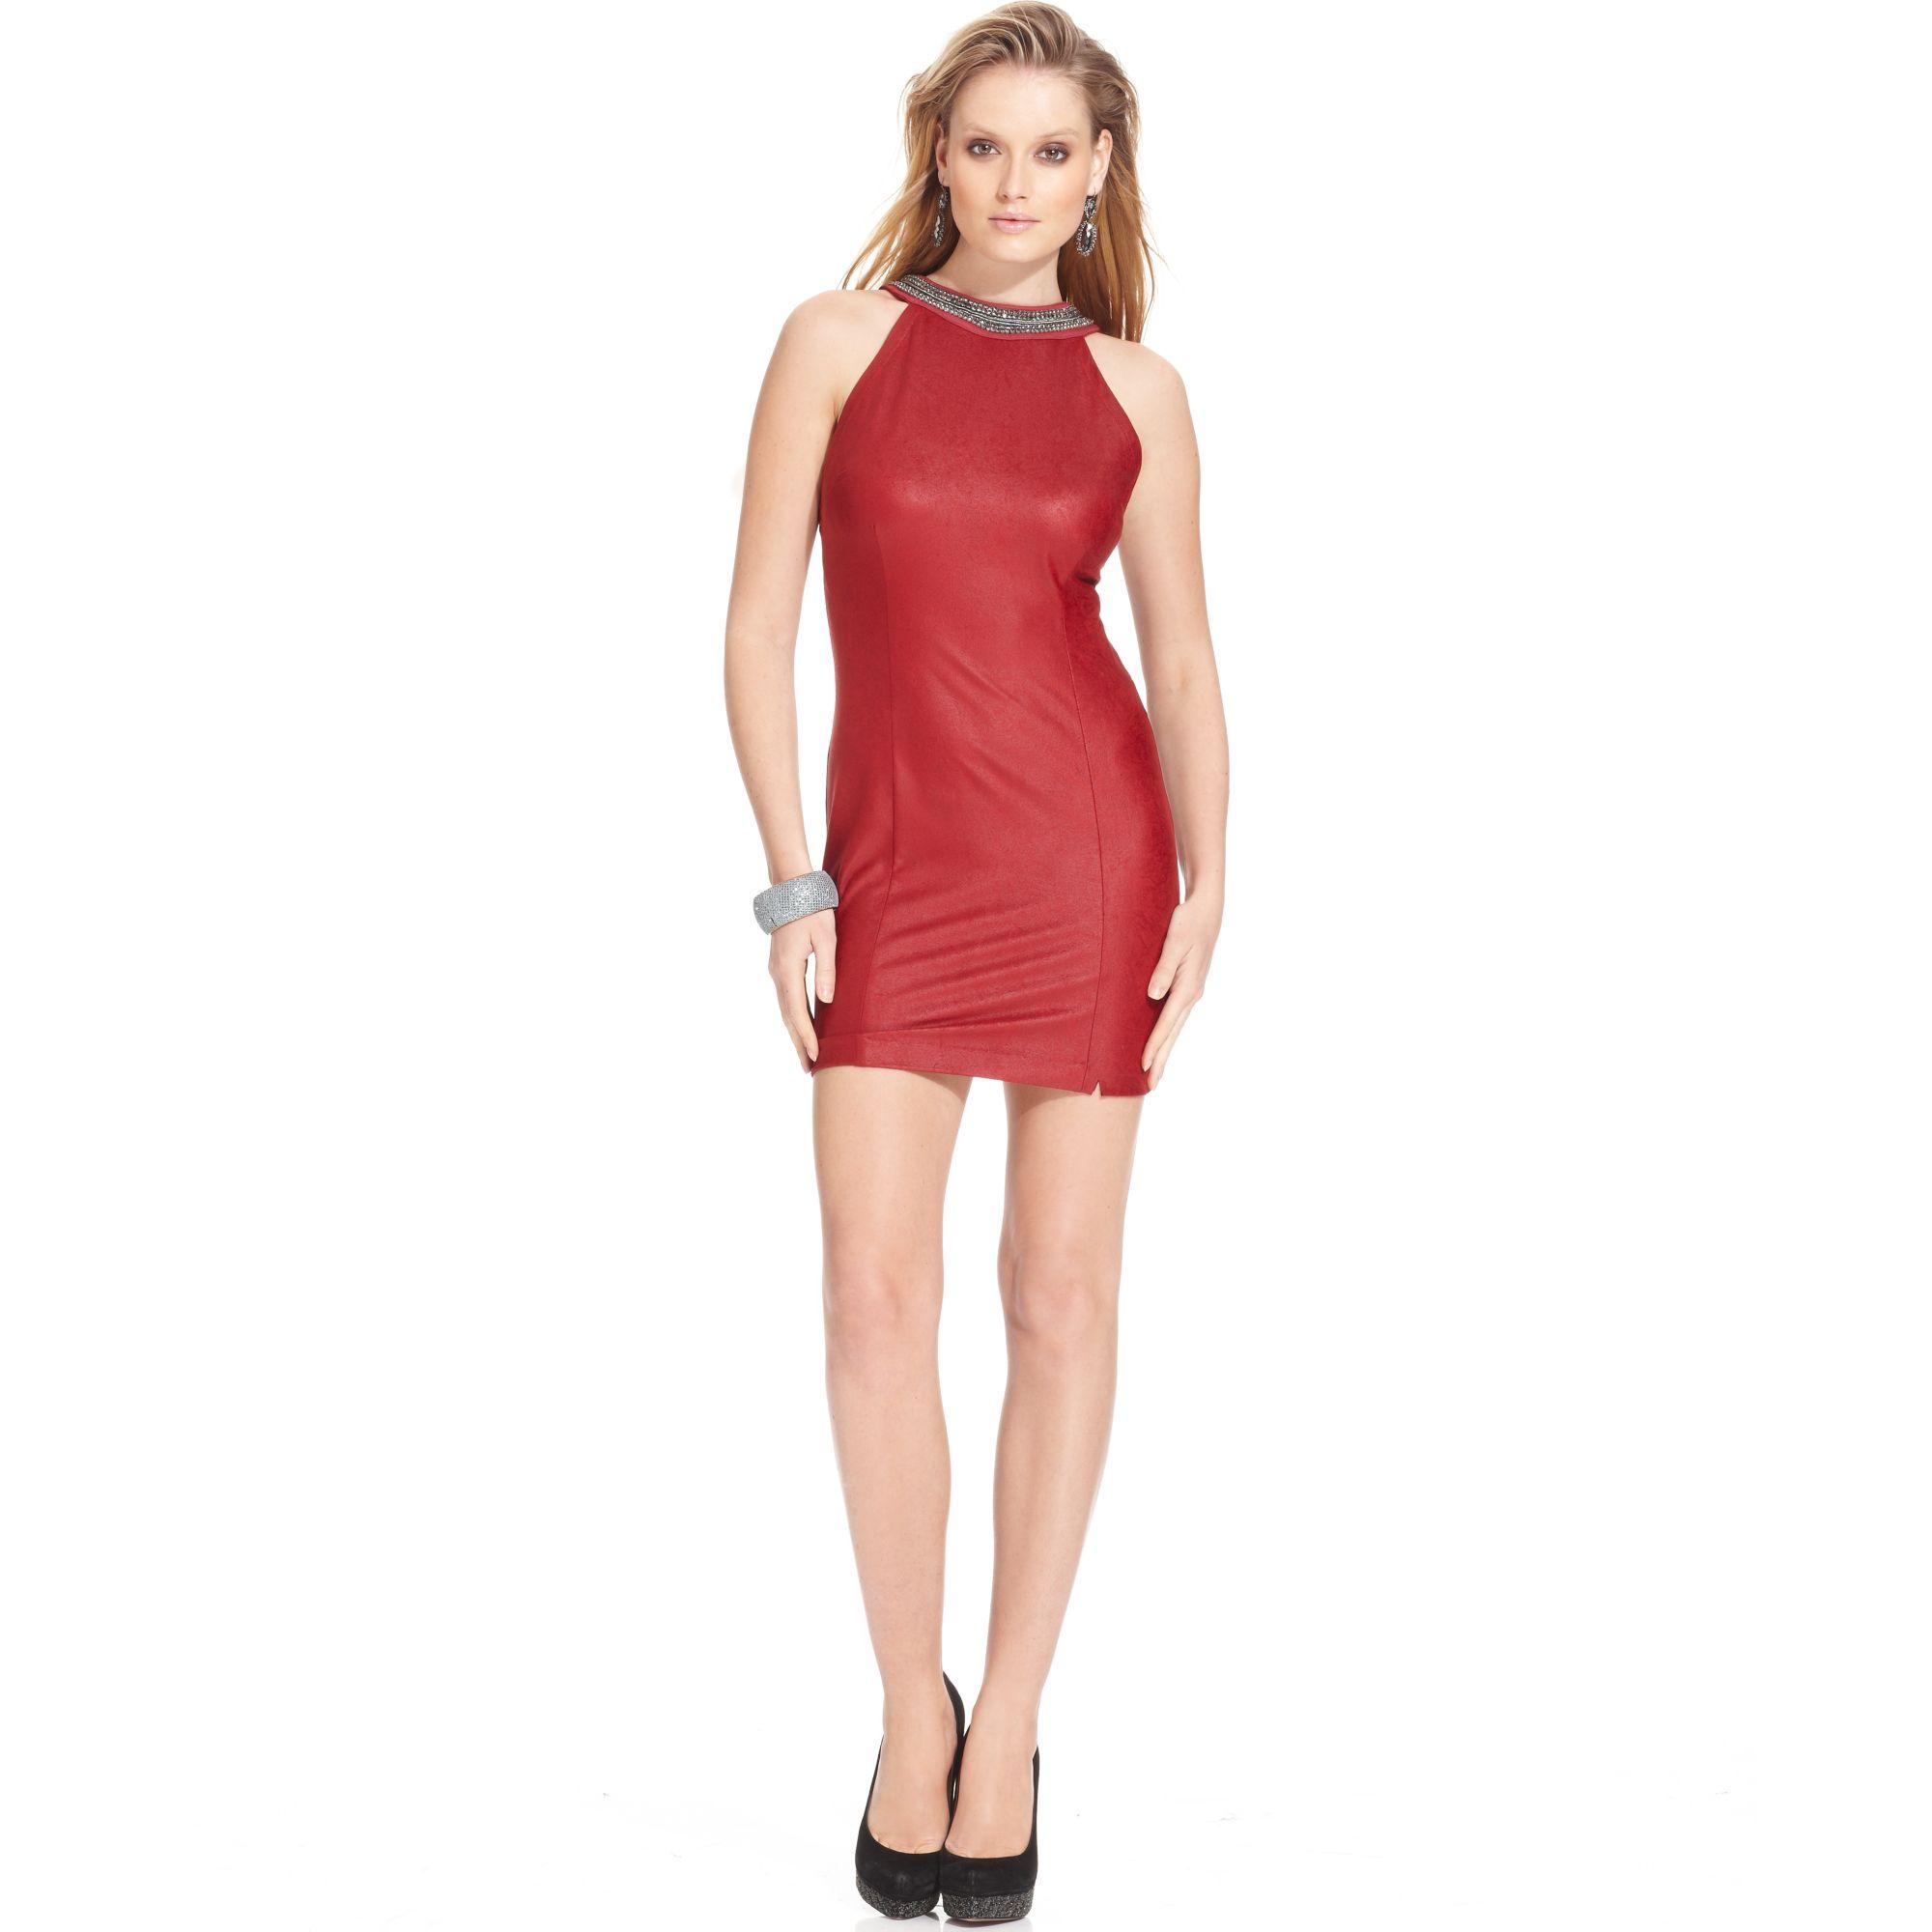 Guess Dresses 2013